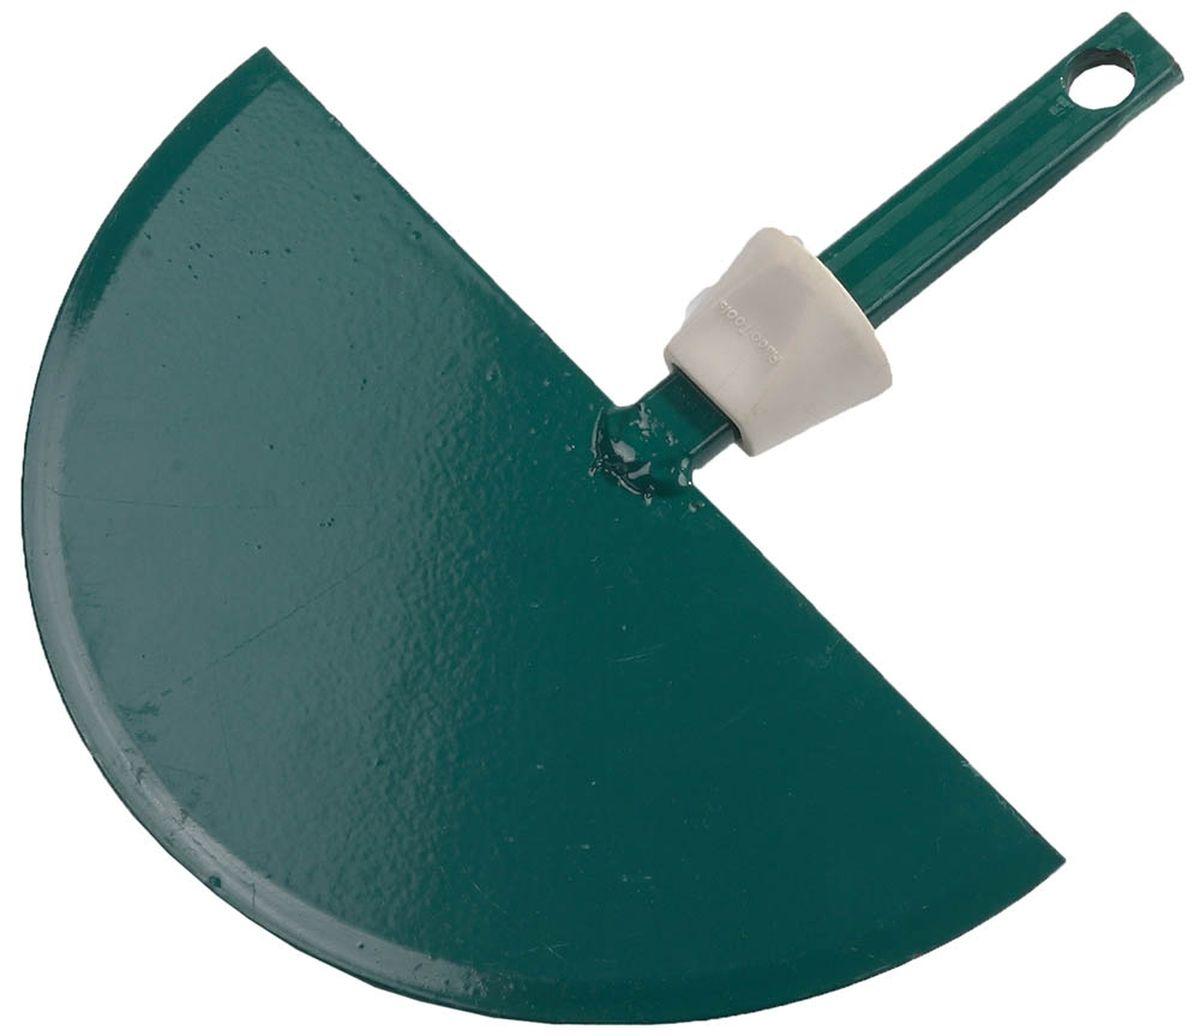 Мотыга садовая Raco, с быстрозажимным механизмом, ширина 30 смAPS-4L-01Садовая мотыга Raco применяется для подрезки углов газонов и подрубки корней растений. Стальное полотно мотыги остро заточено, закалено и покрыто защитной краской зеленого цвета. Мотыга оснащена быстрозажимным механизмом. Ширина рабочей части составляет 30 см.